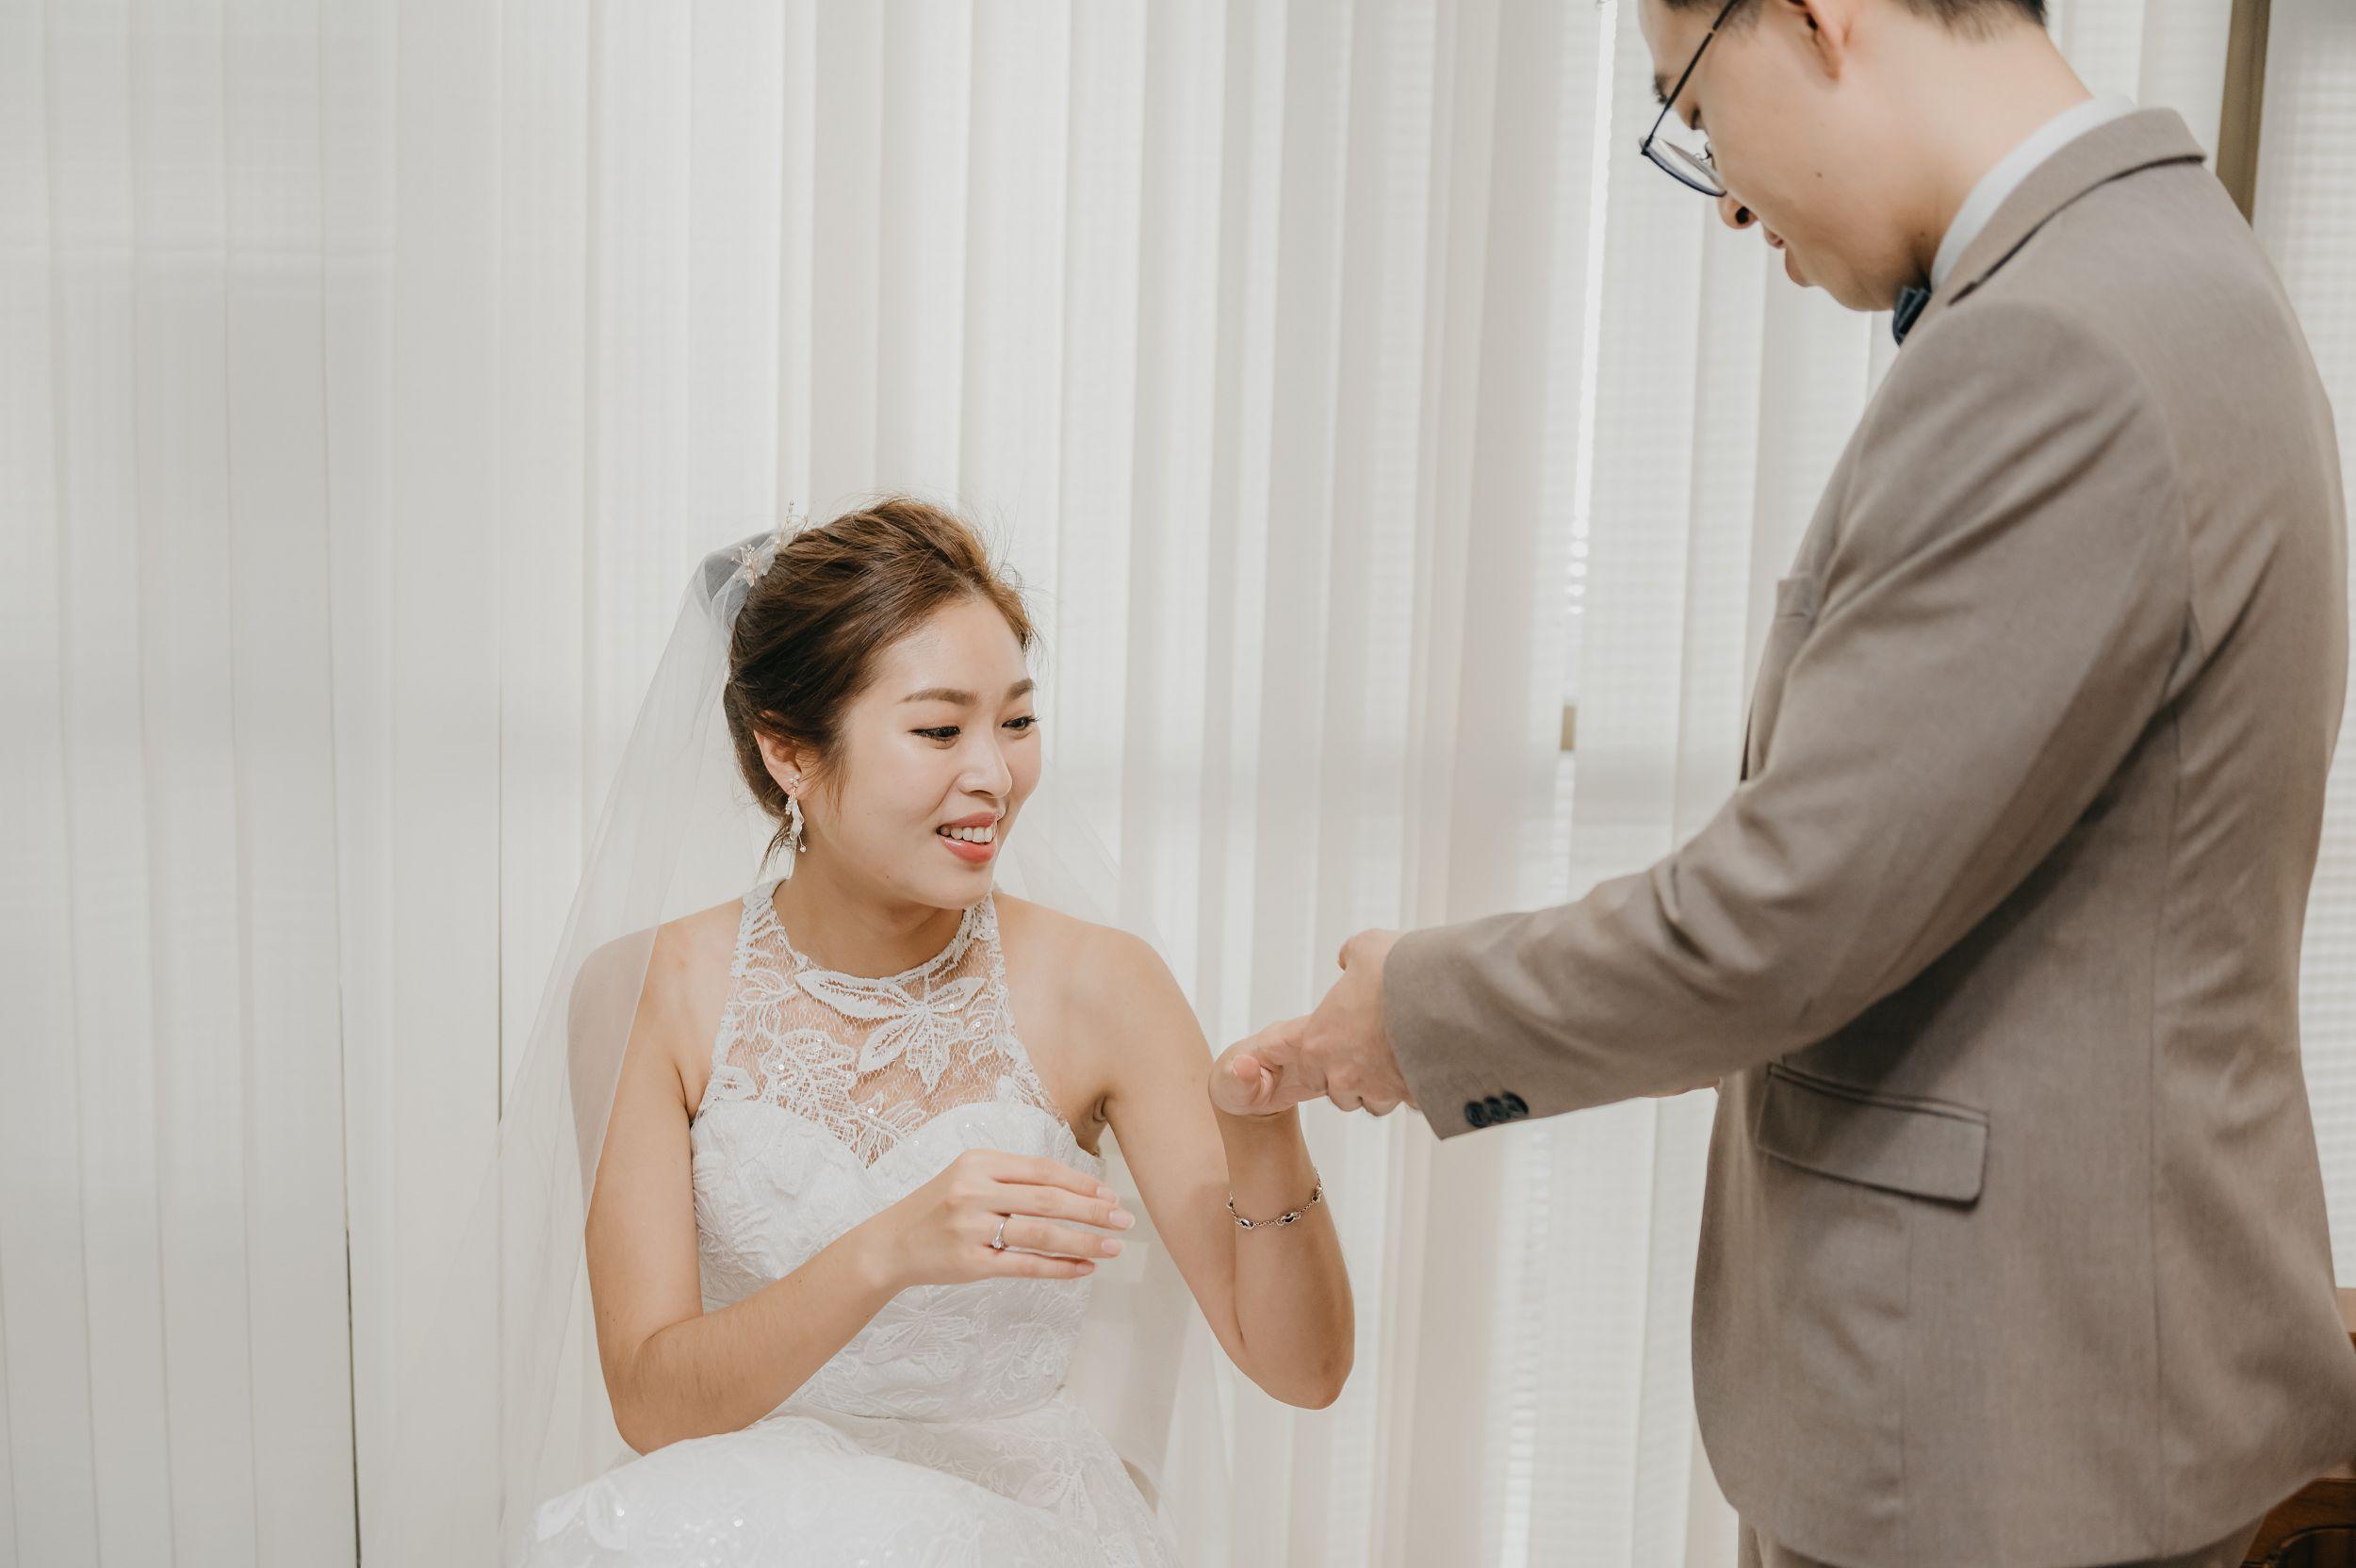 婚禮紀錄,婚禮紀實,婚禮,攝影,攝影師,雙機攝影,孫立人將軍官邸,晚宴,類婚紗,美式婚紗,婚禮遊戲,全家福,交換誓詞,